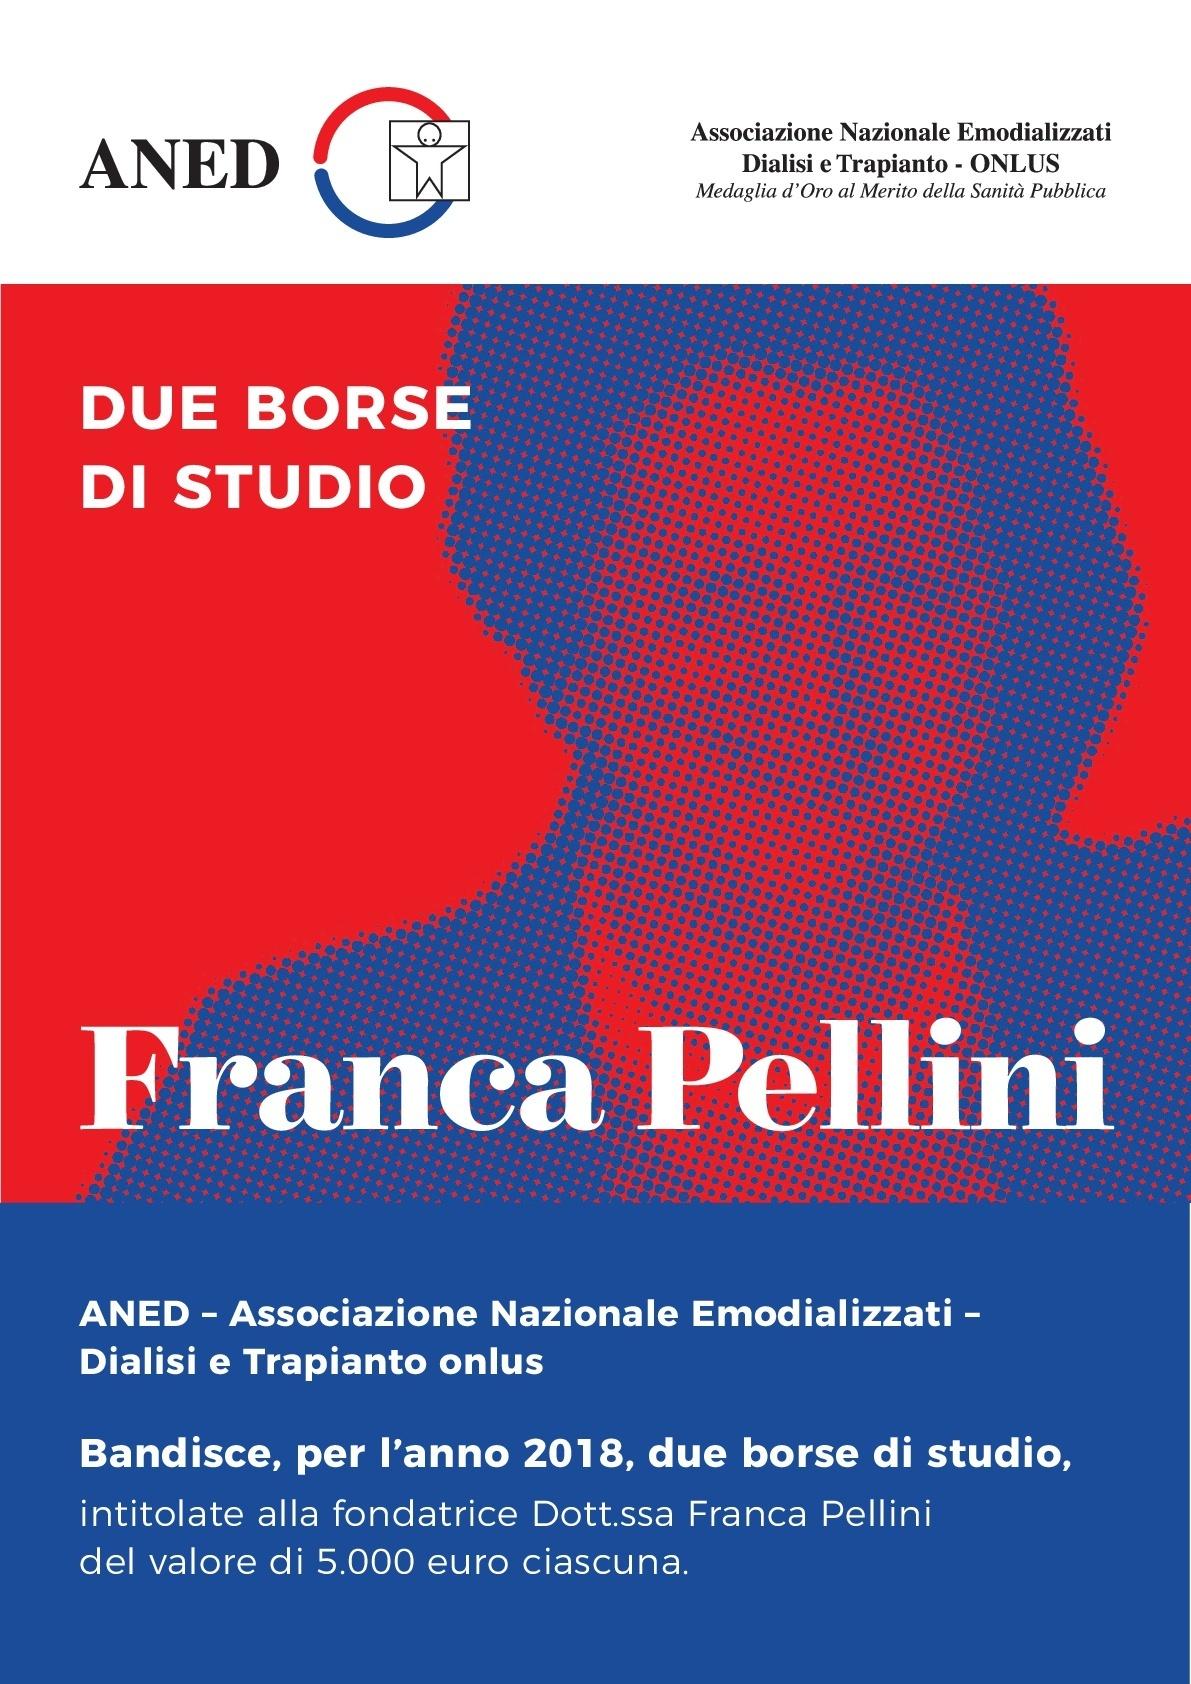 miglior fornitore in vendita online enorme sconto Borse di studio Franca Pellini   ANED